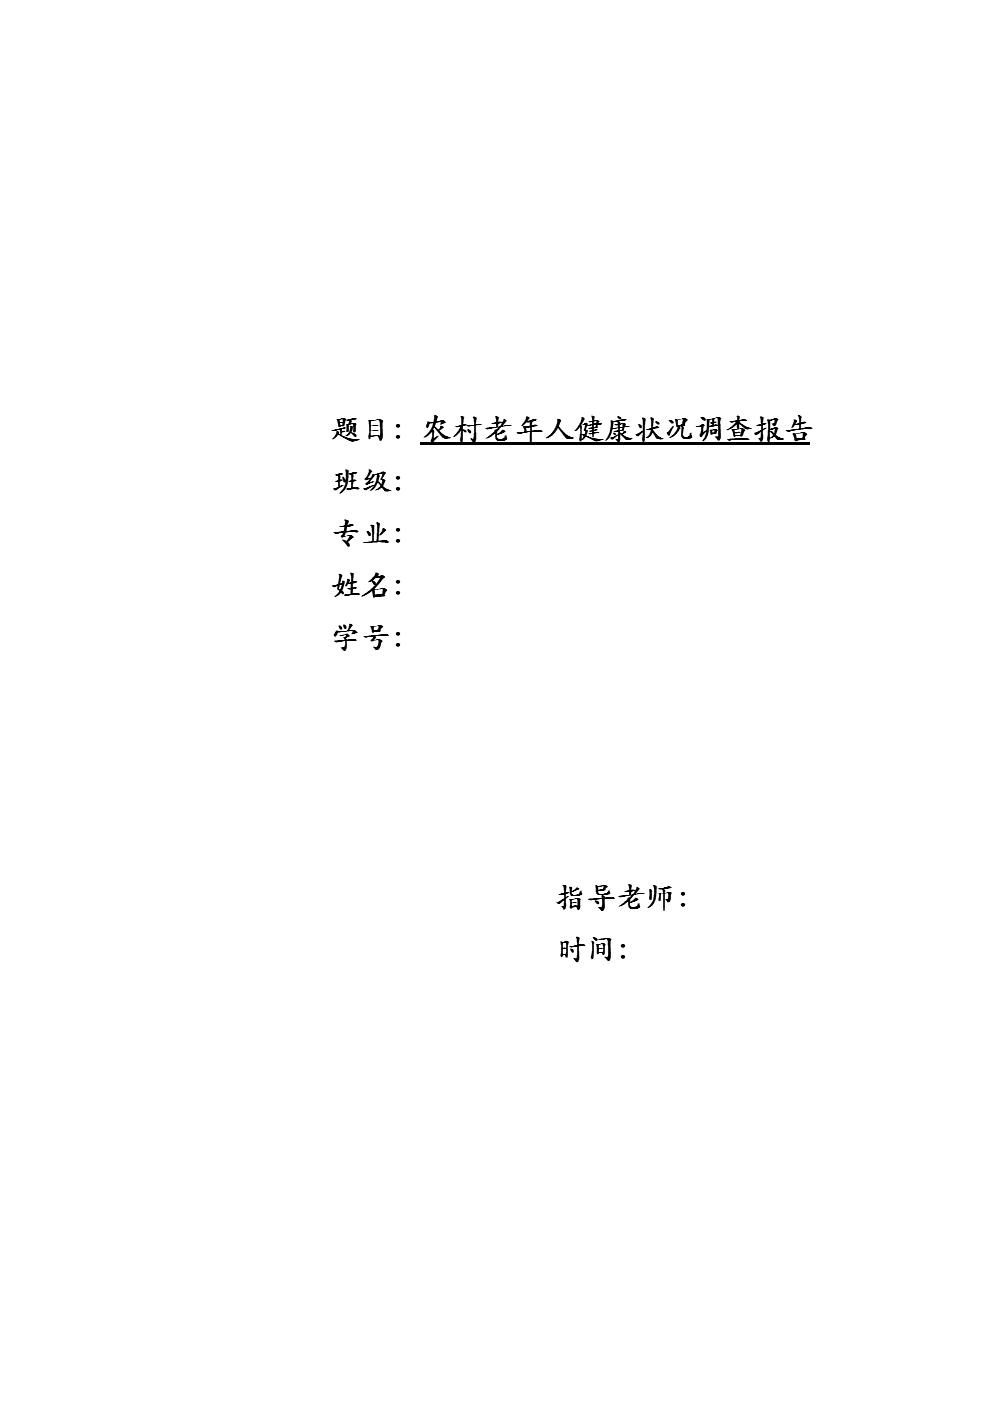 农村老年人健康状况调查报告.doc